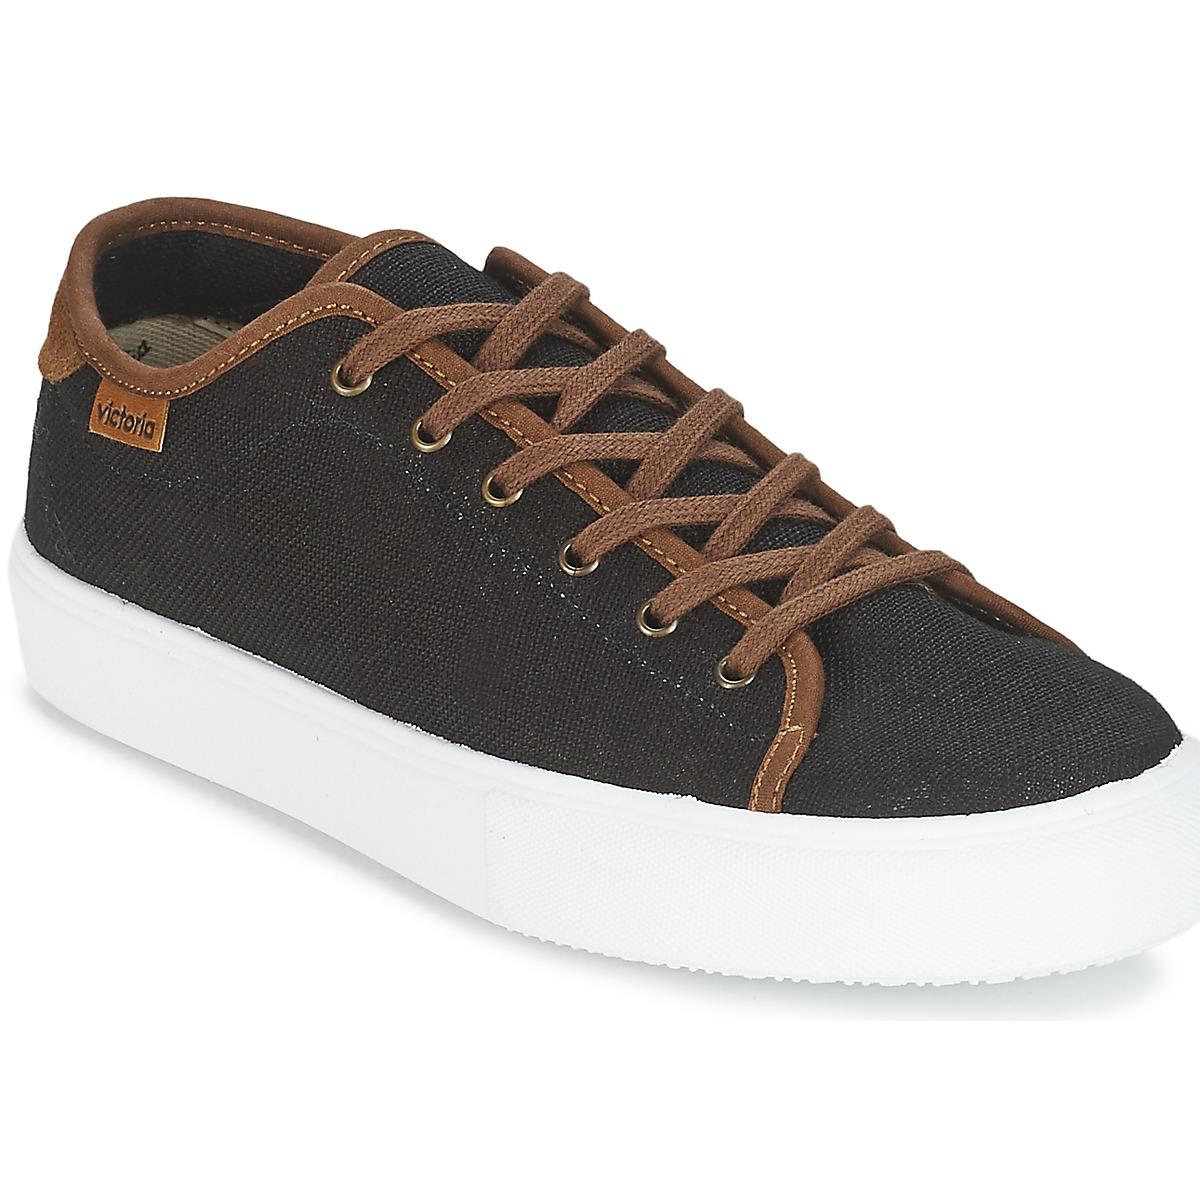 Victoria BASKET LINO DETALLE MARRON Schwarz / Braun - Kostenloser Versand bei Spartoode ! - Schuhe Sneaker Low Herren 35,40 €